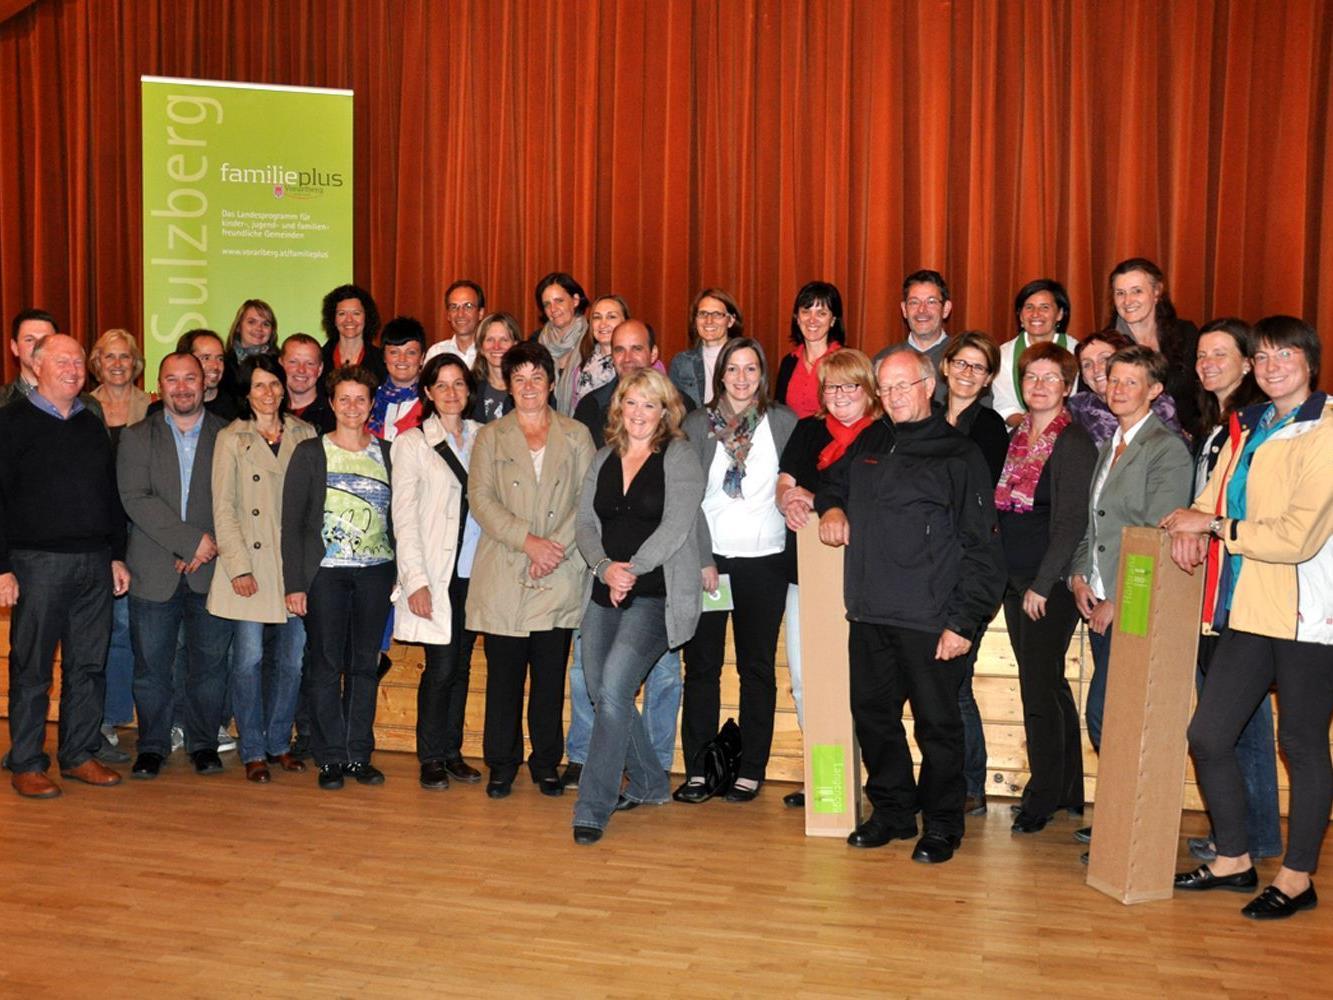 """Vertreterinnen und Vertreter der """"familienplus""""-Gemeinden trafen sich in Sulzberg zum Meinungs- und Erfahrungsaustausch."""